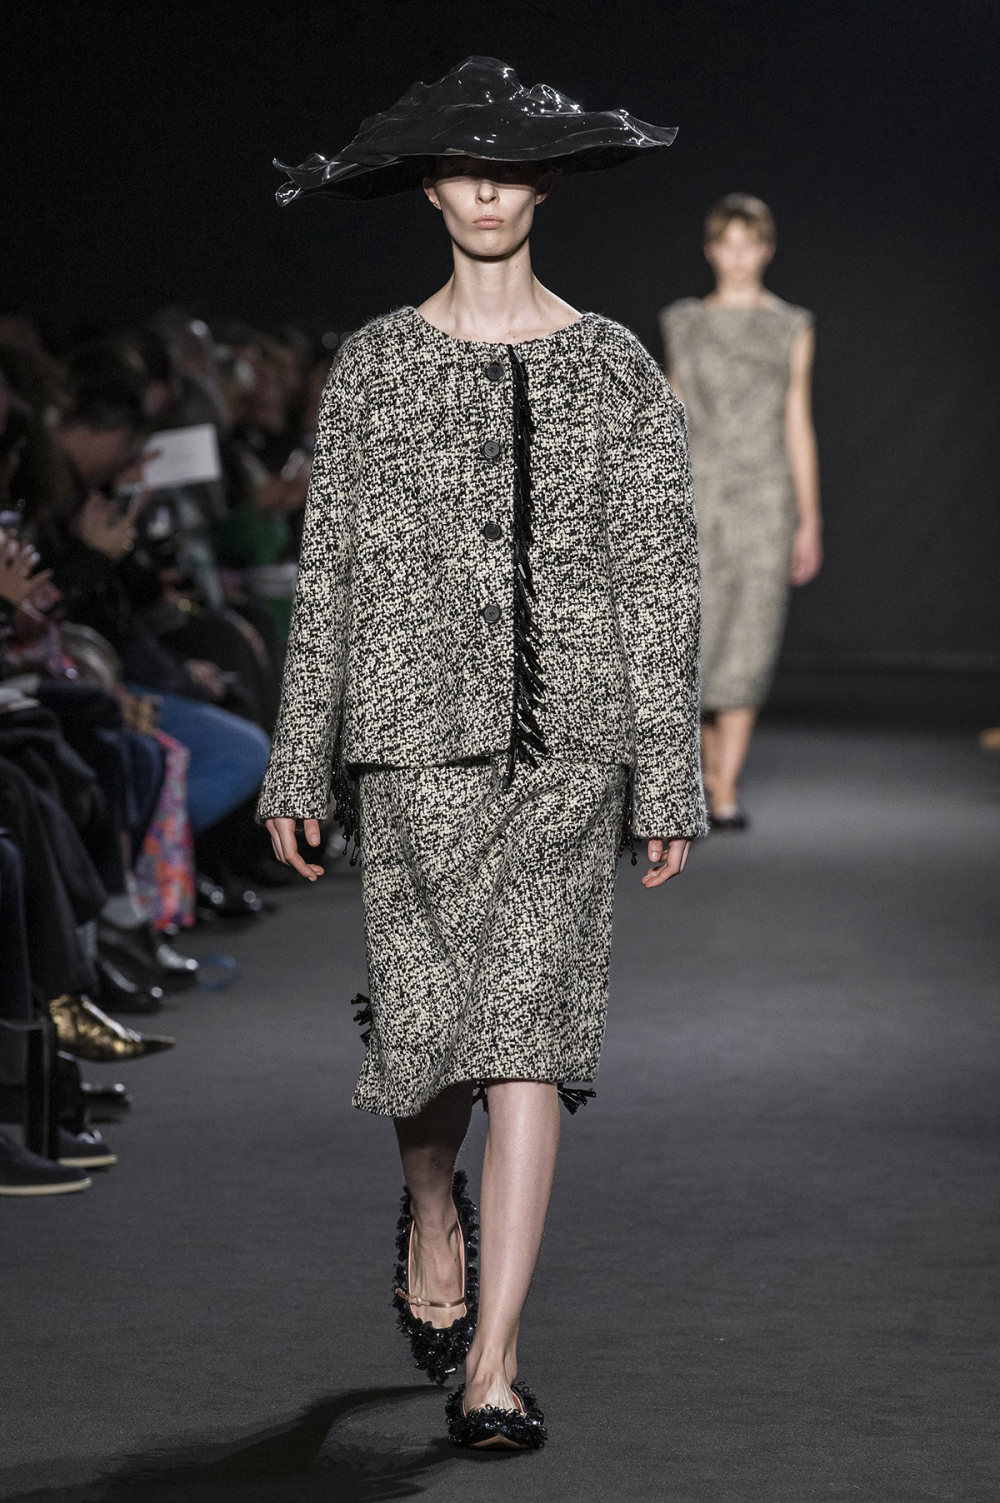 Rochas时装系列黑色无领斜纹软呢褶皱的黑色裙身饰有超细短袖衬衫-1.jpg